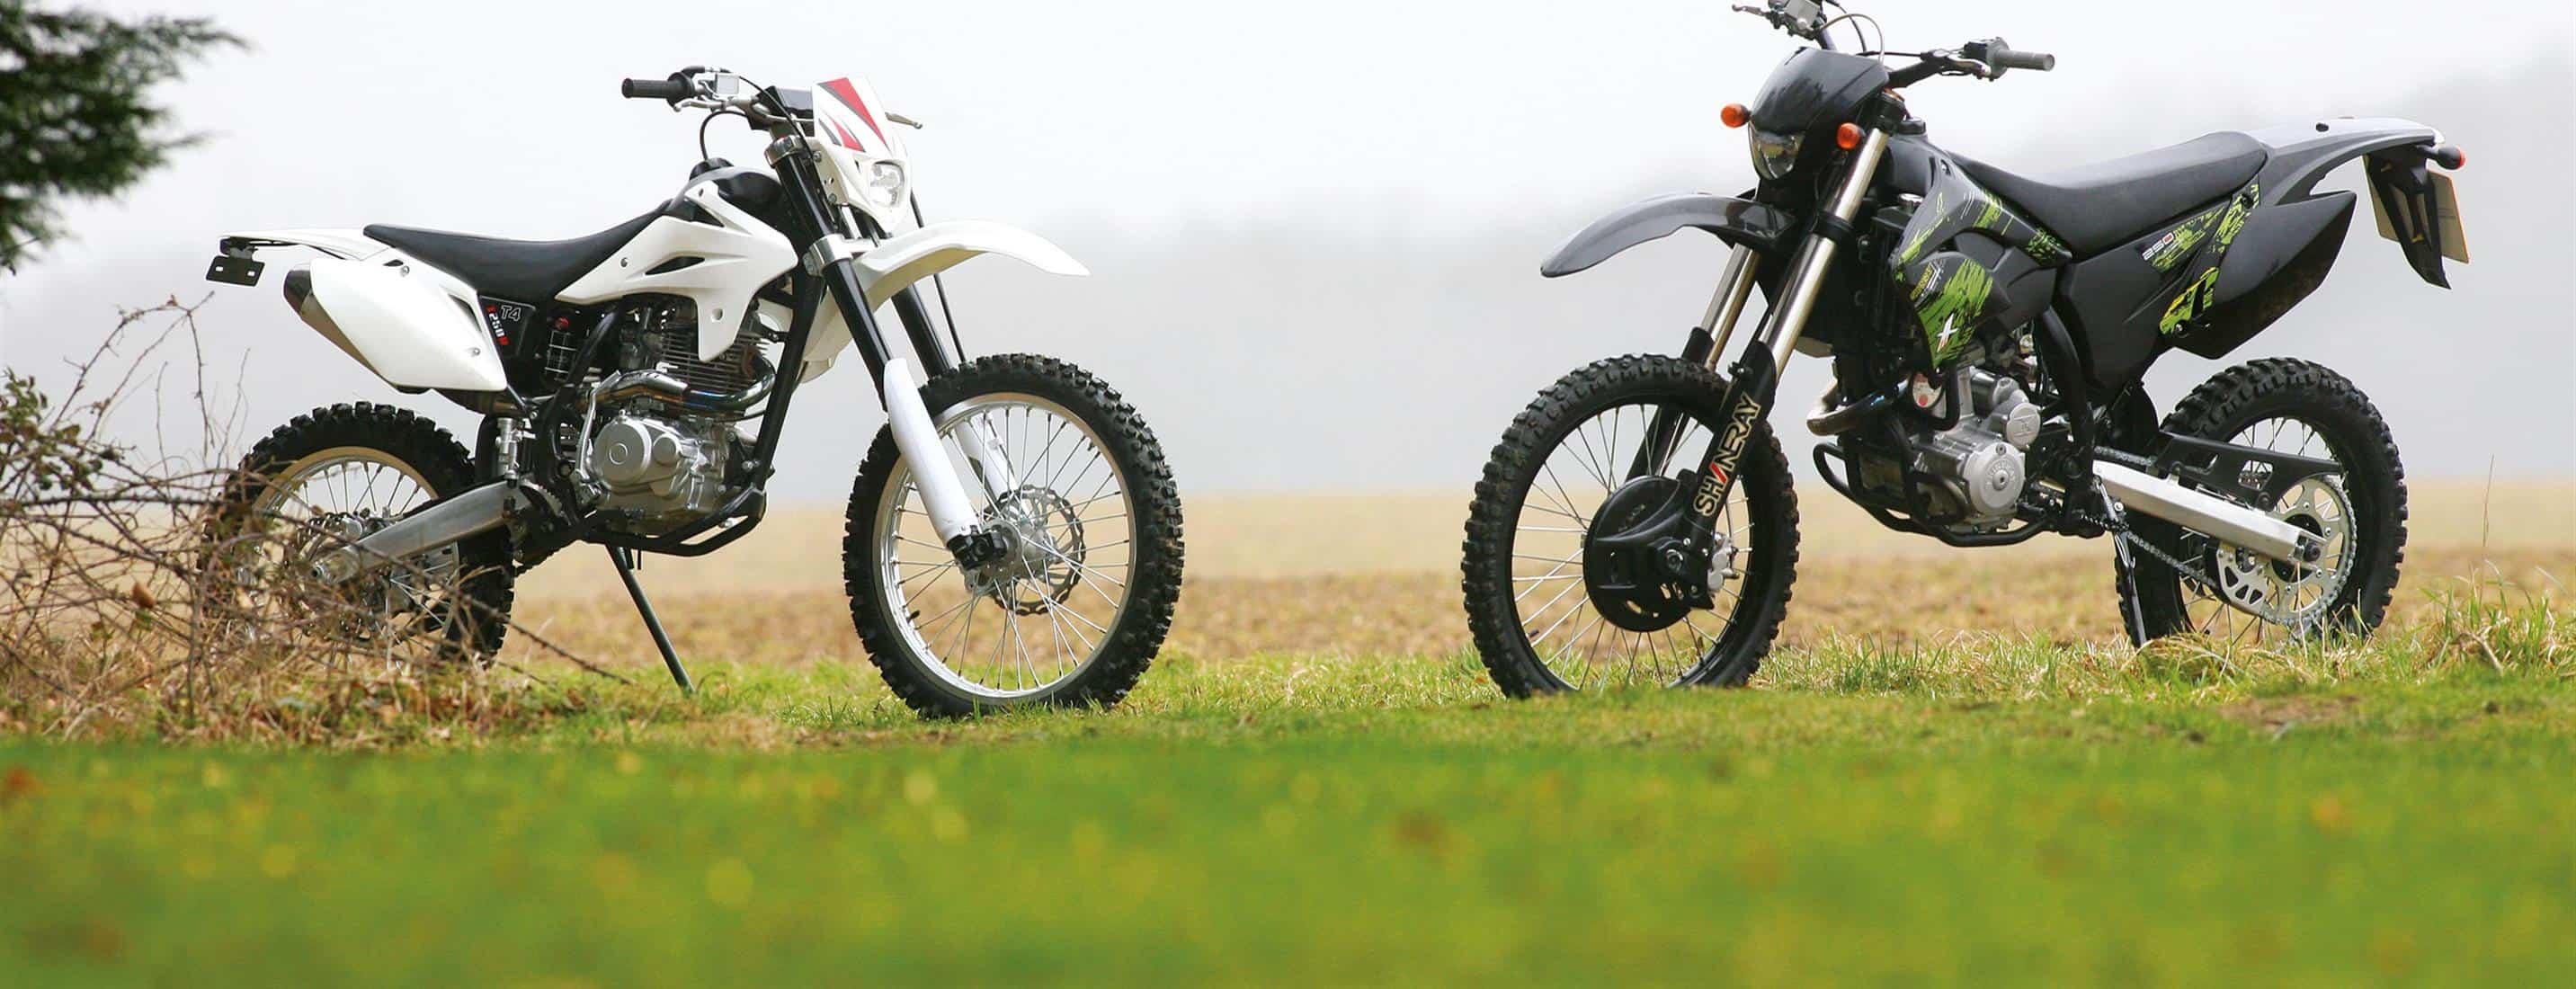 2011 SHINERAY XY250GY-2 VS STOMP T4